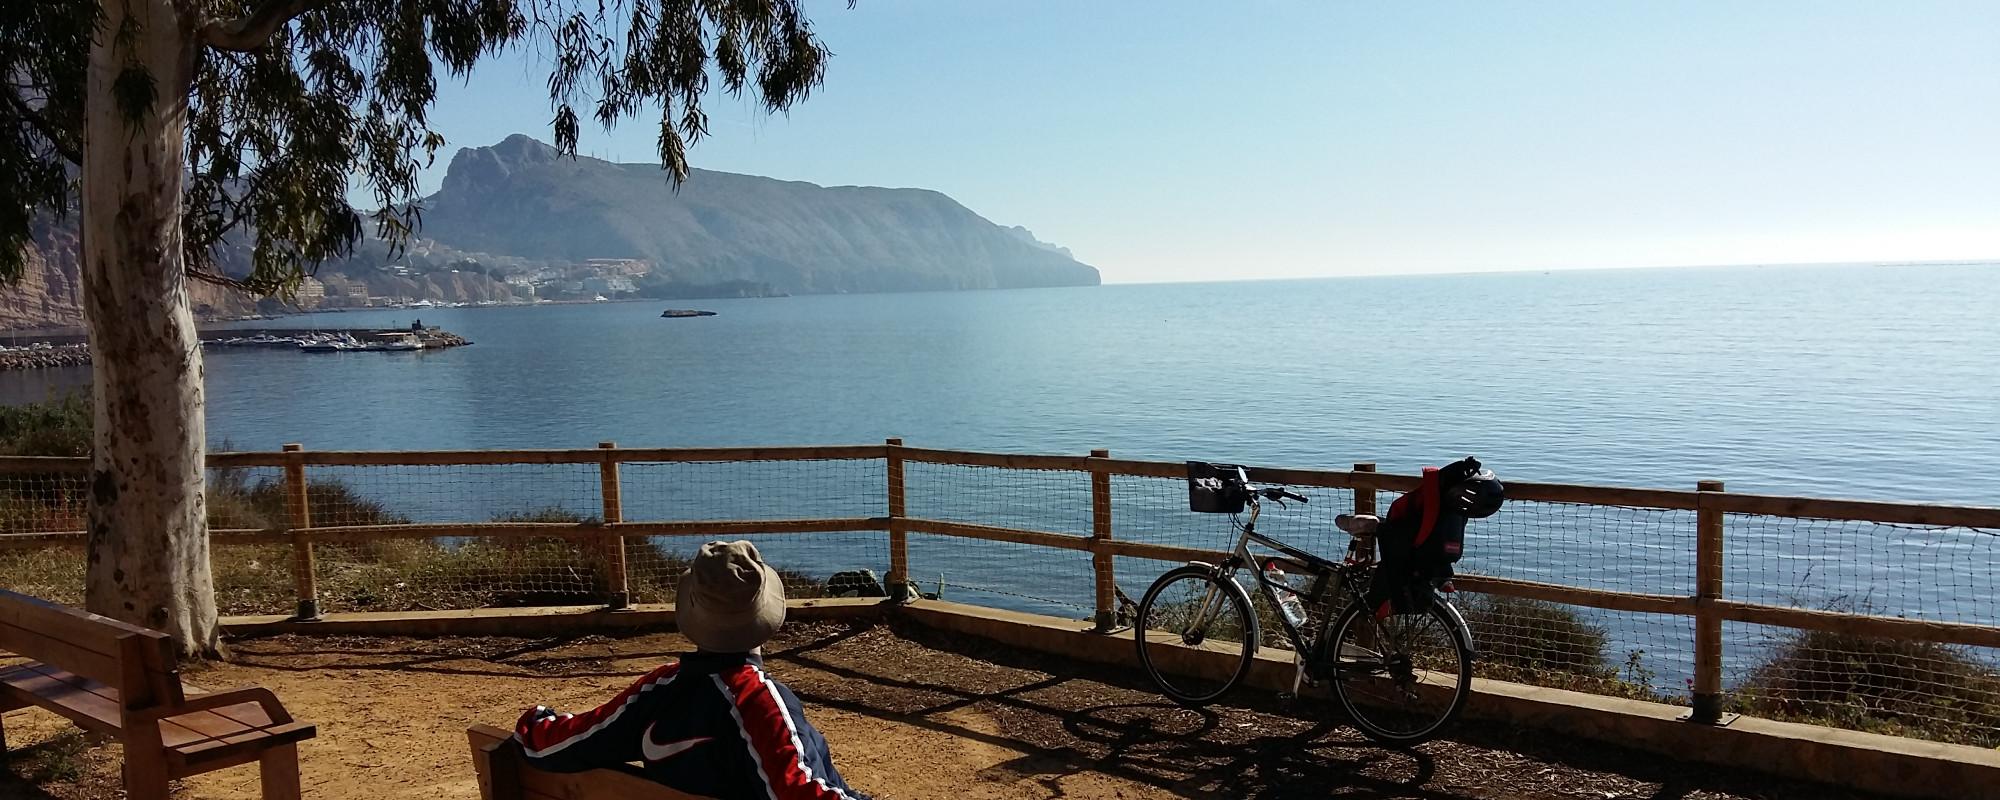 Cicloturismo Comunidad Valenciana